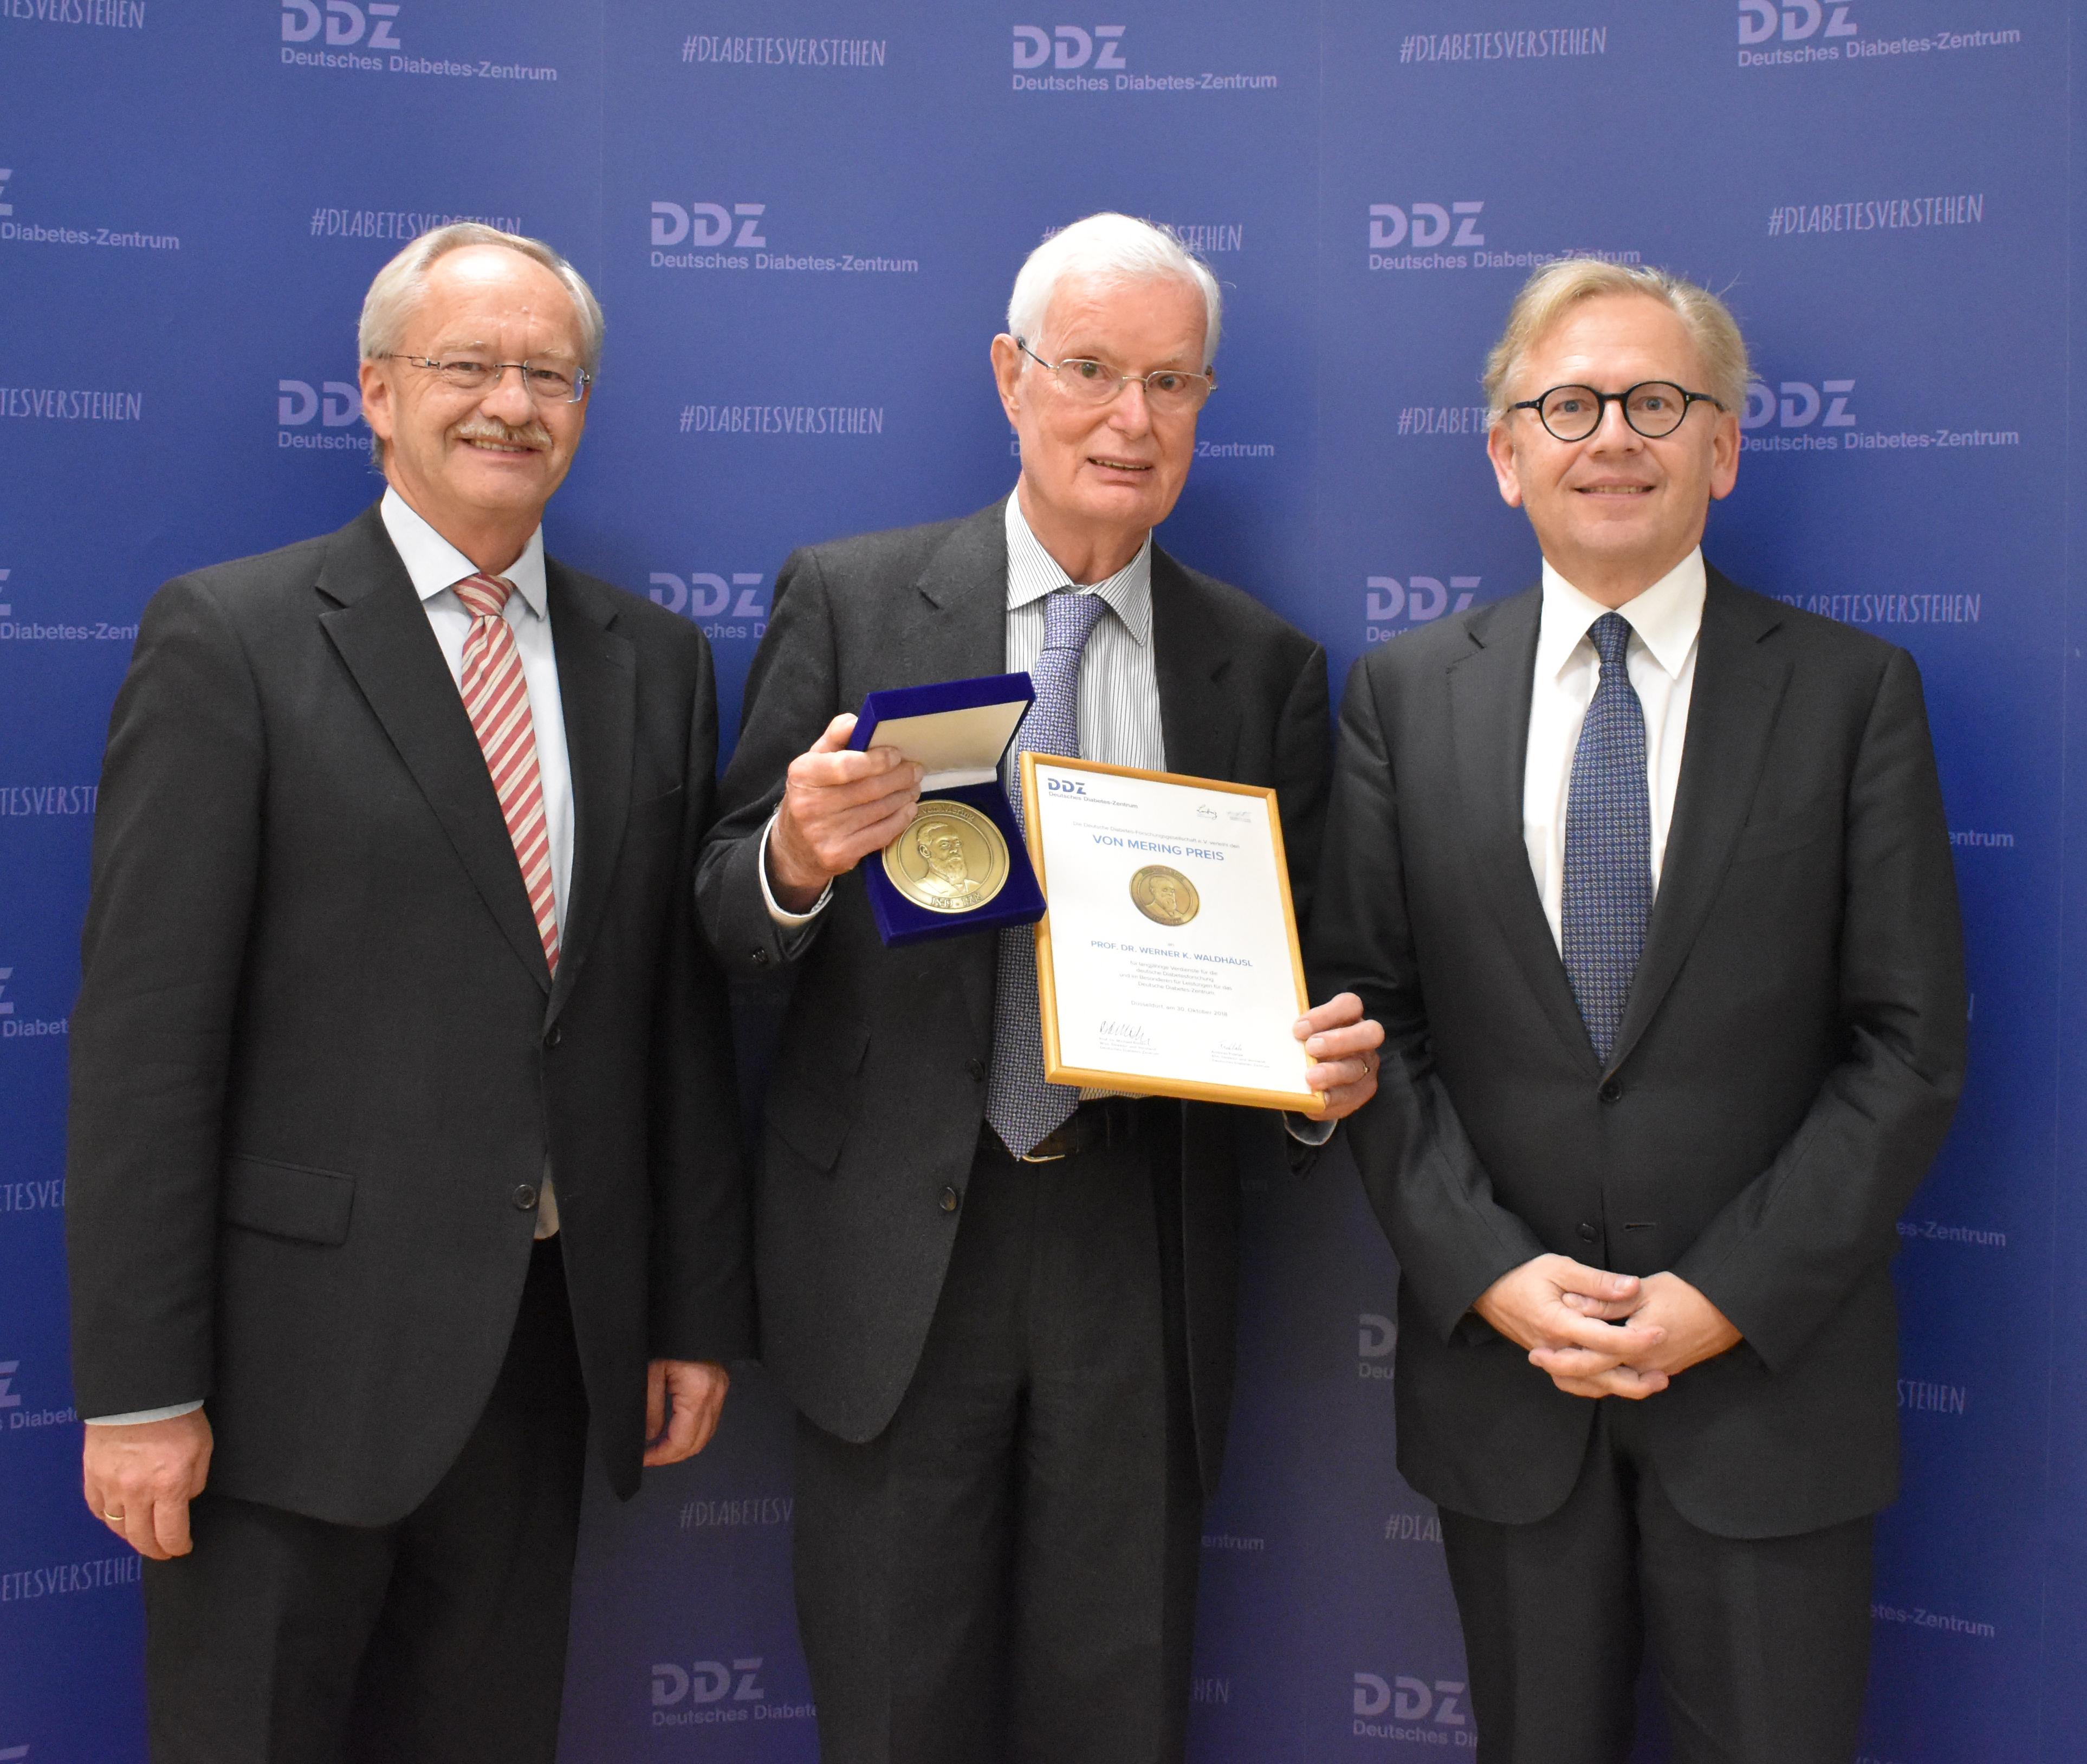 Prof. Dr. Werner Waldhäusl mit der Von Mering Goldmedaille 2018, zusammen mit Prof. Dr. Roden, Wissenschaftlicher Direktor und Vorstand des DDZ, und Andreas Fidelak, Kaufmännischer Direktor und Vorstand des DDZ